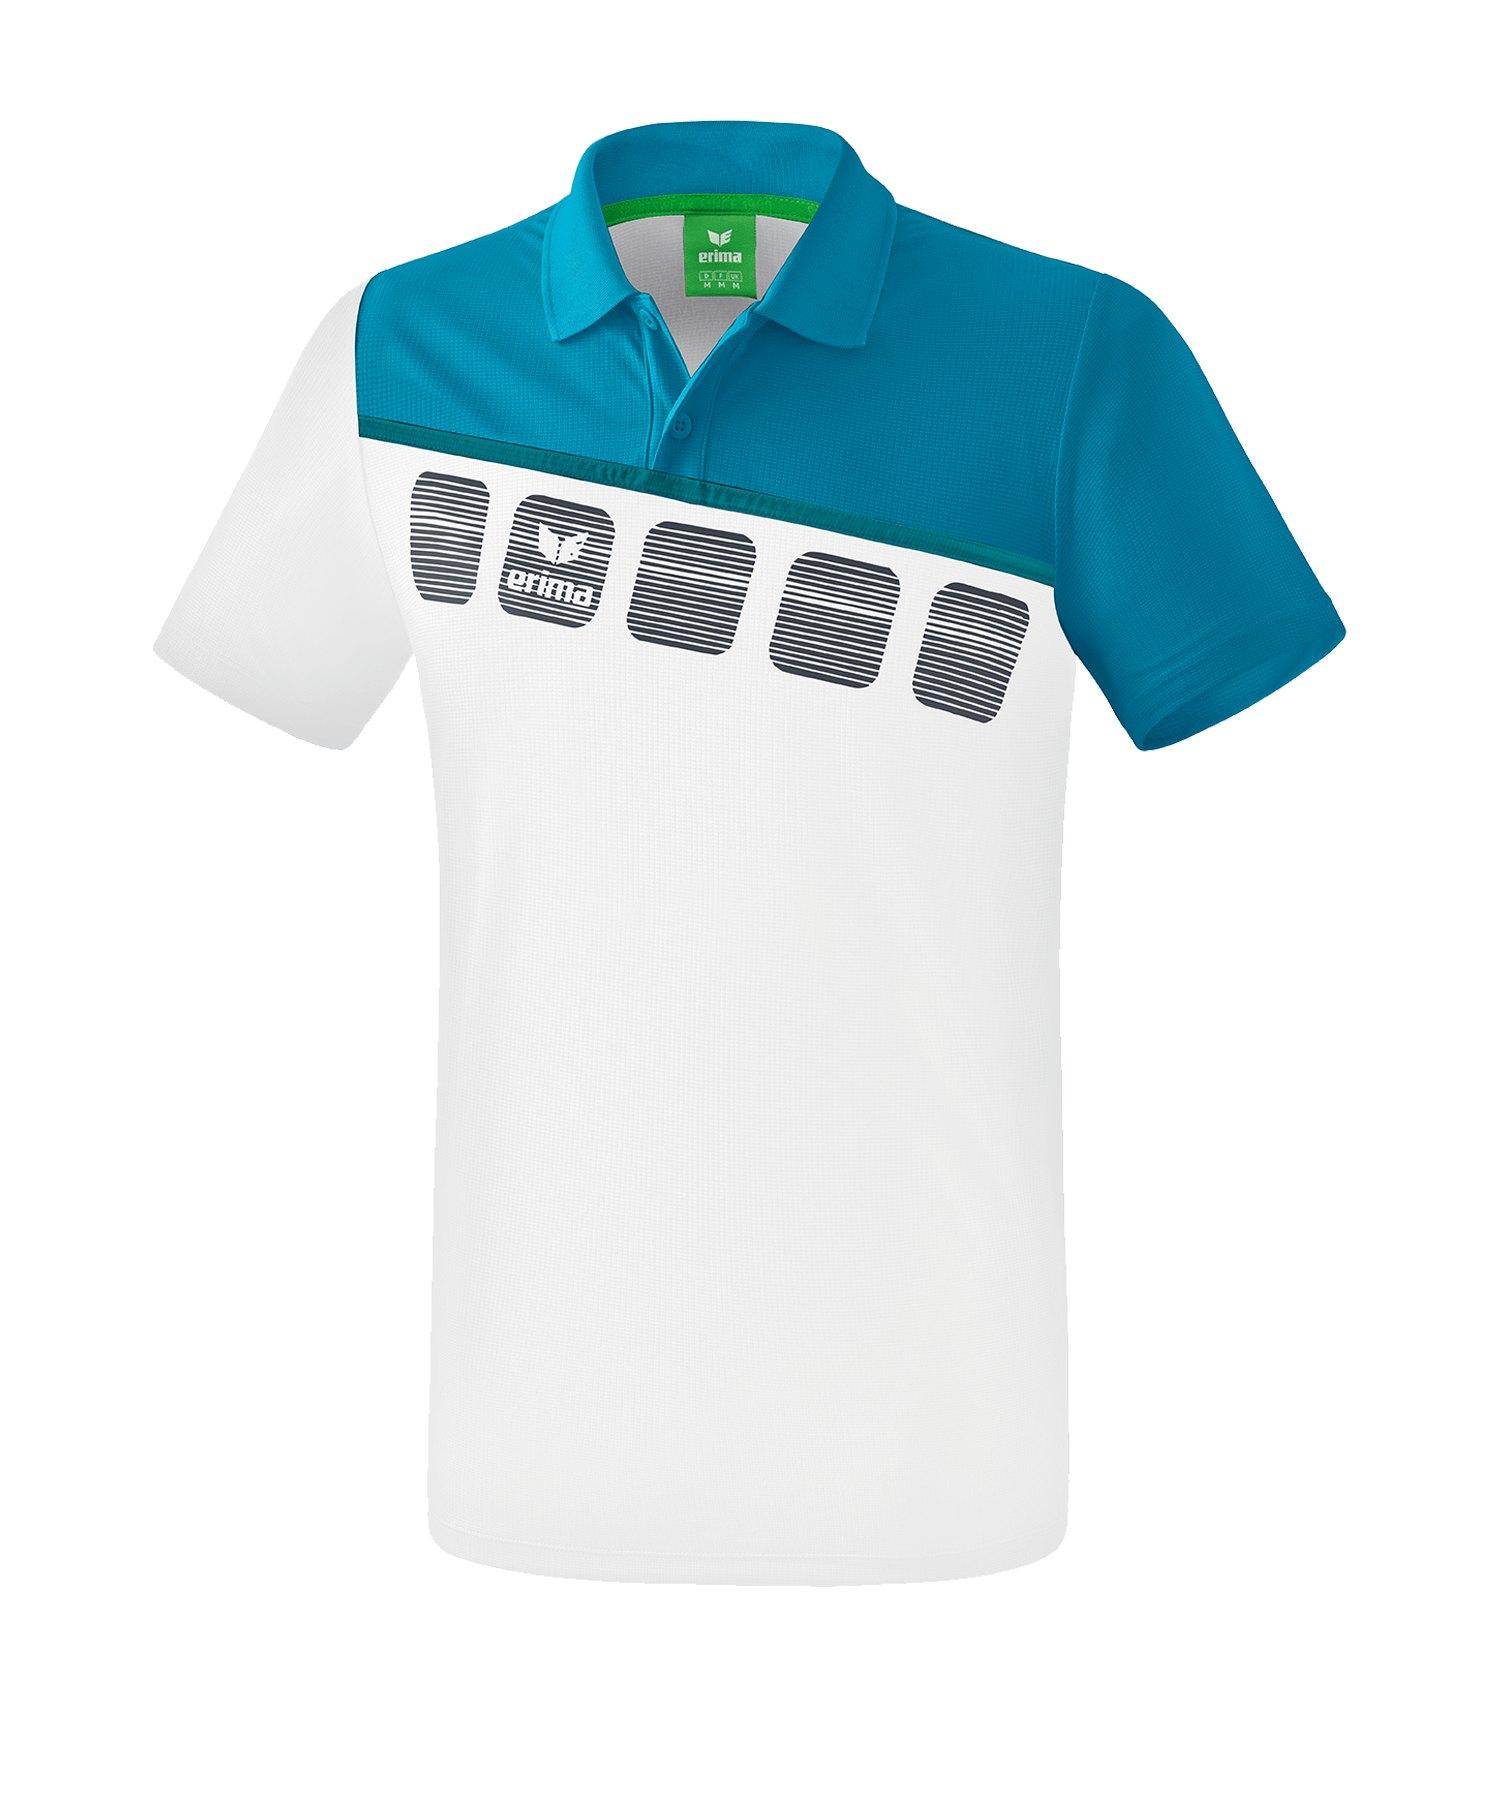 Erima 5-C Poloshirt Kids Weiss Blau - Weiss